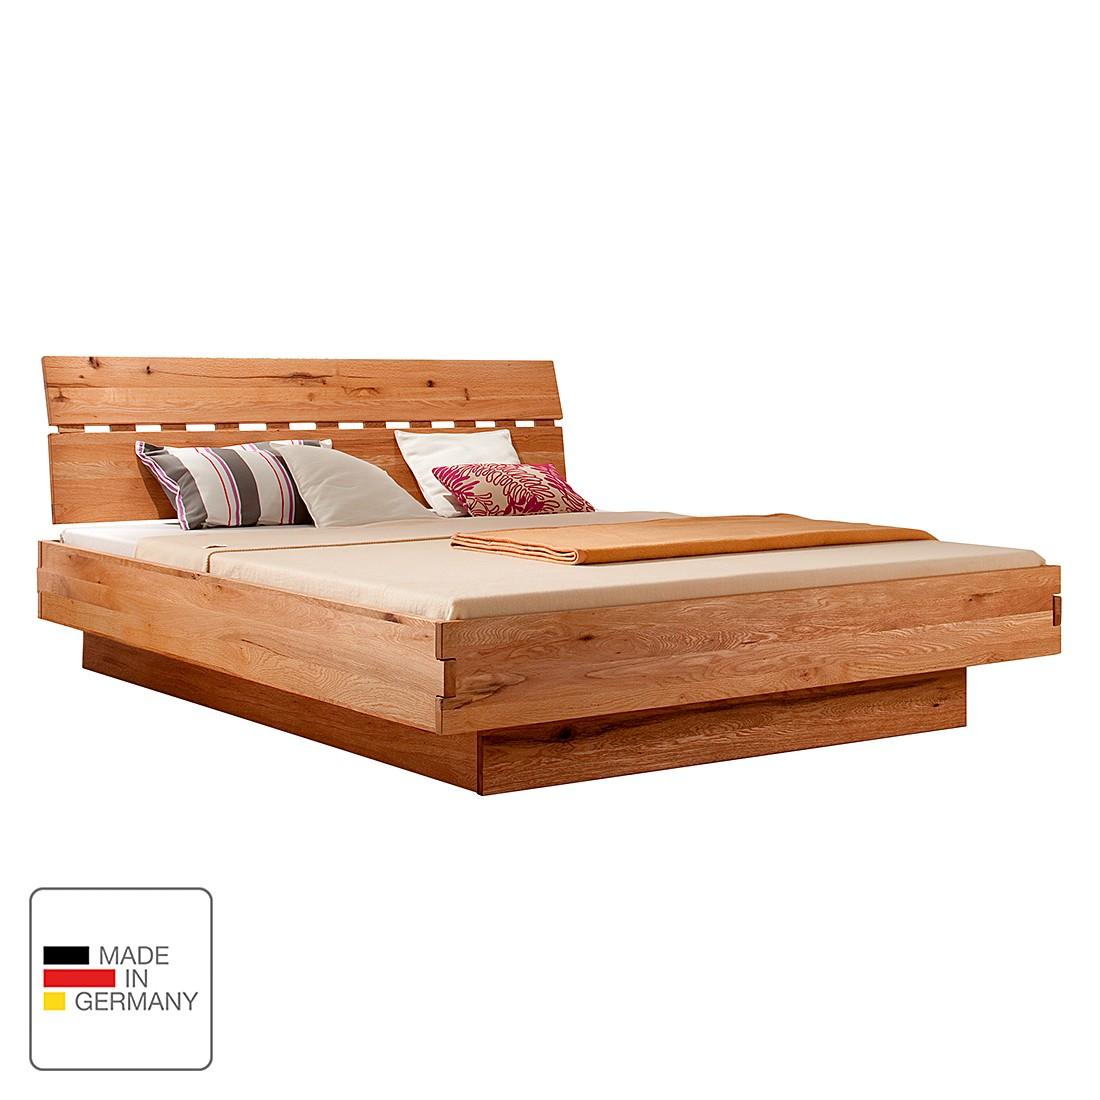 doppelbett max wildeiche massiv ge lt liegefl che 180 x 200 cm ms schuon g nstig online. Black Bedroom Furniture Sets. Home Design Ideas